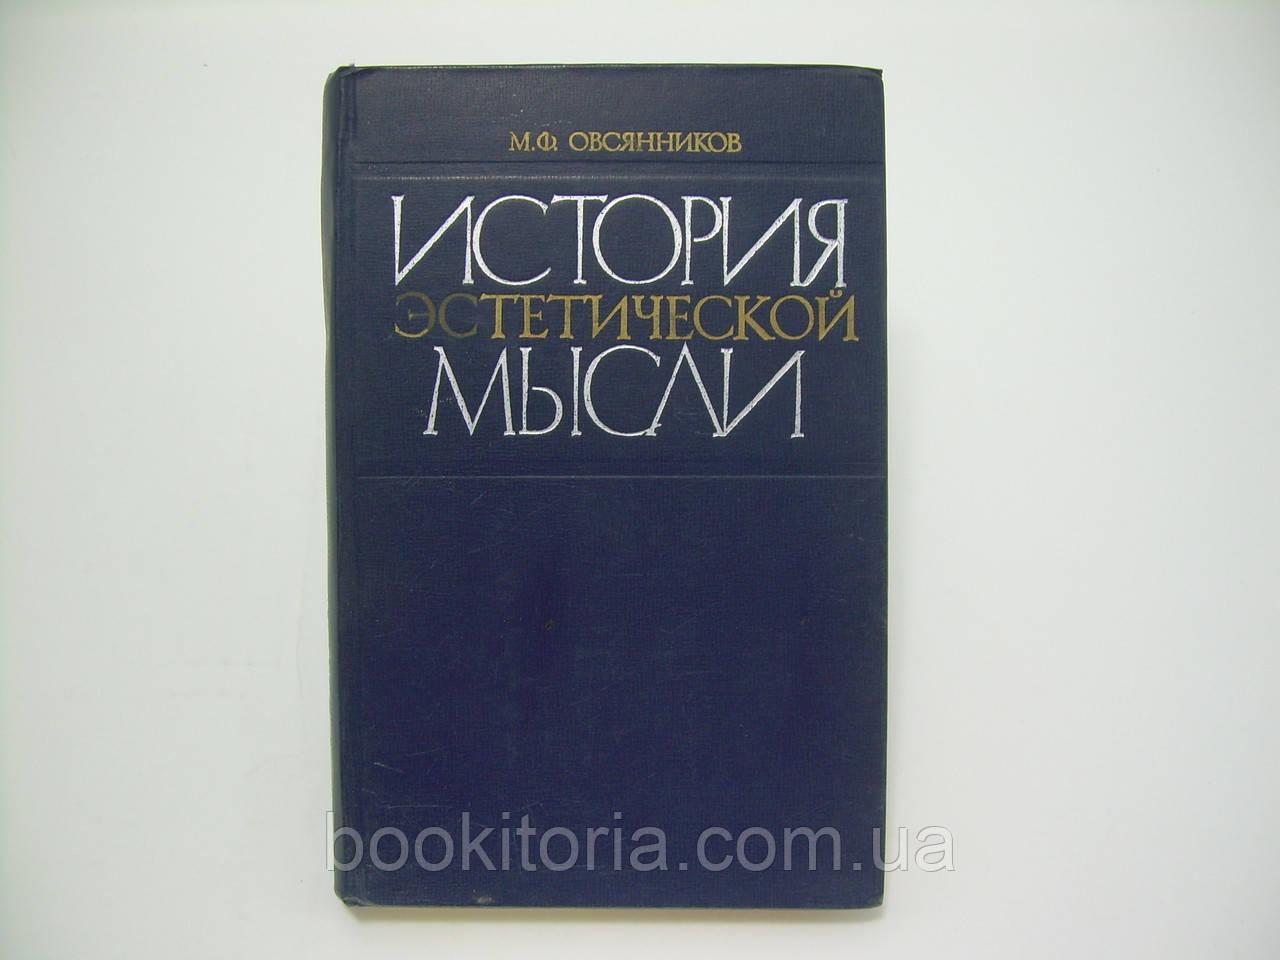 Овсянников М.Ф. История эстетической мысли (б/у).